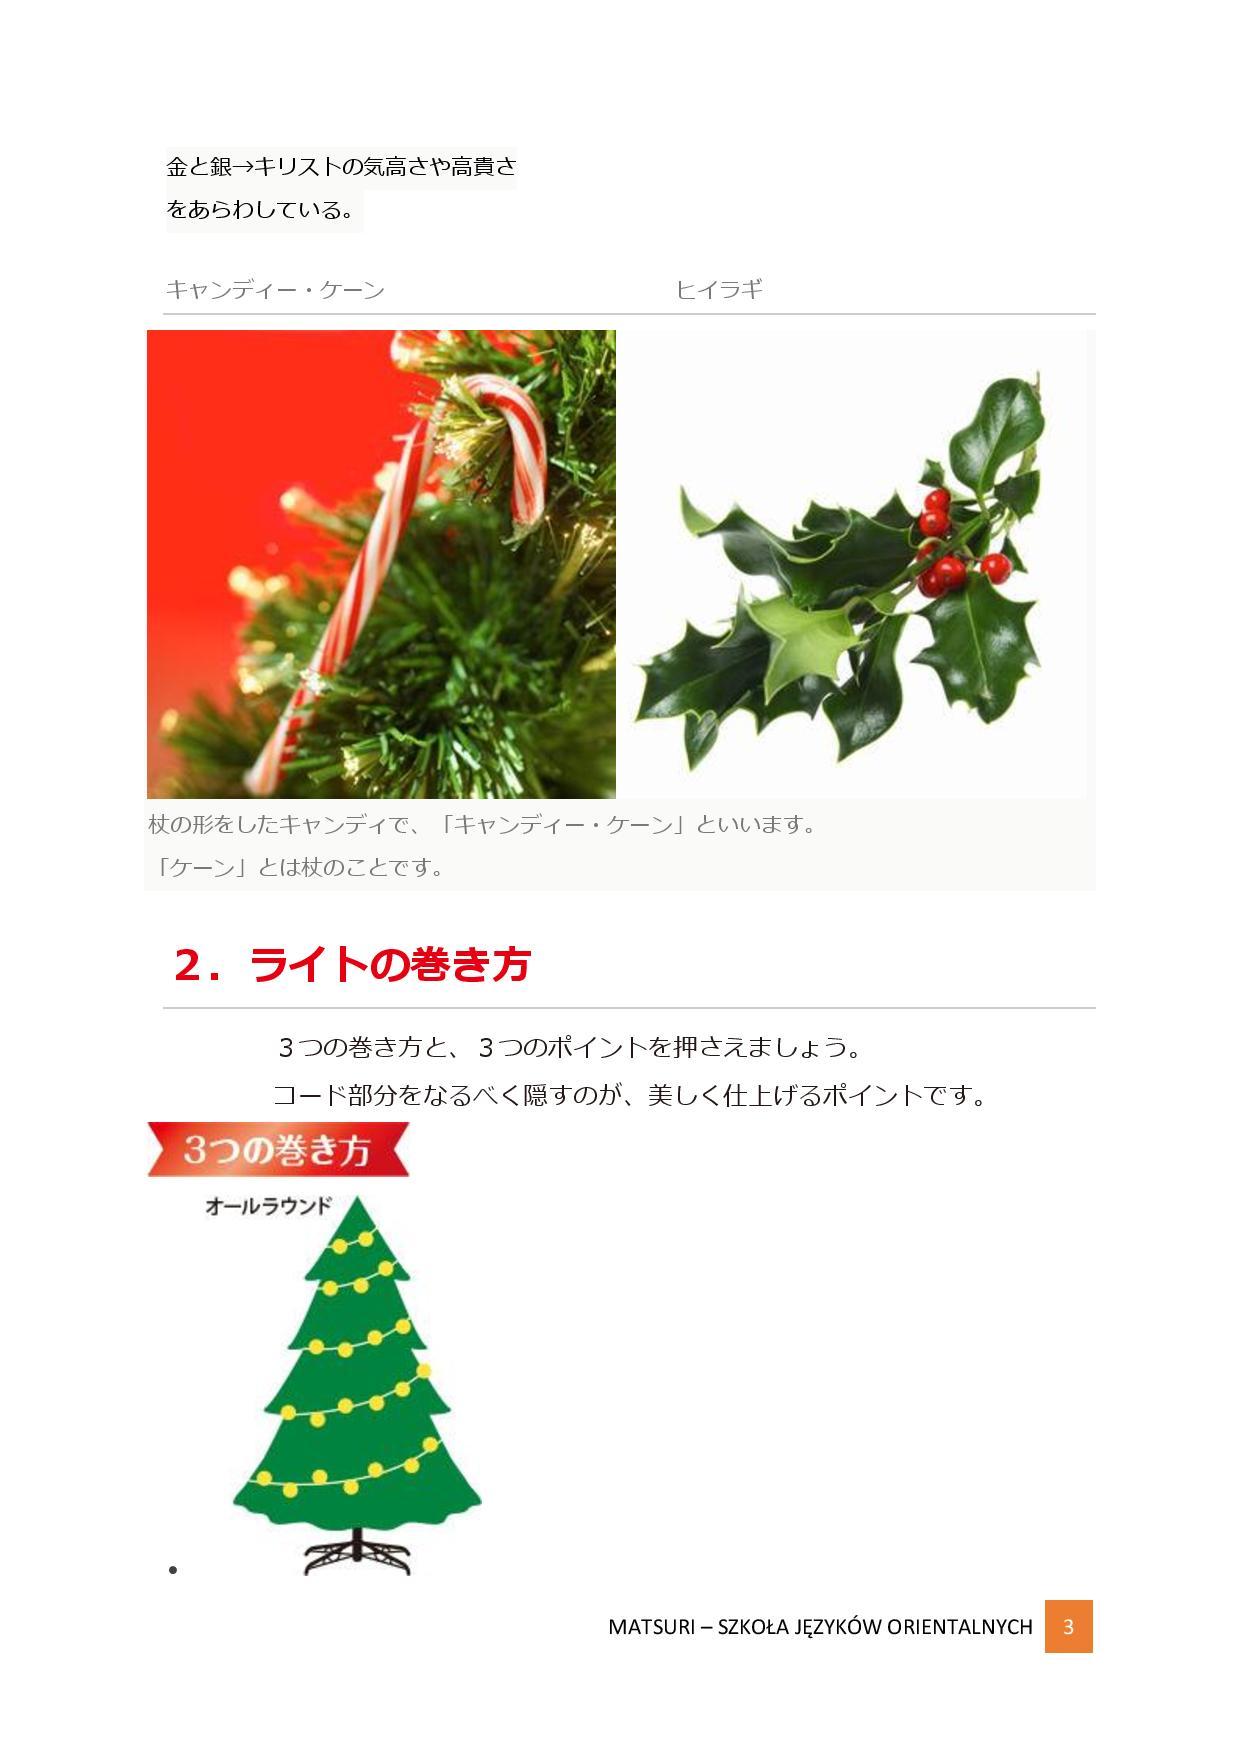 クリスマスの色々-page-003